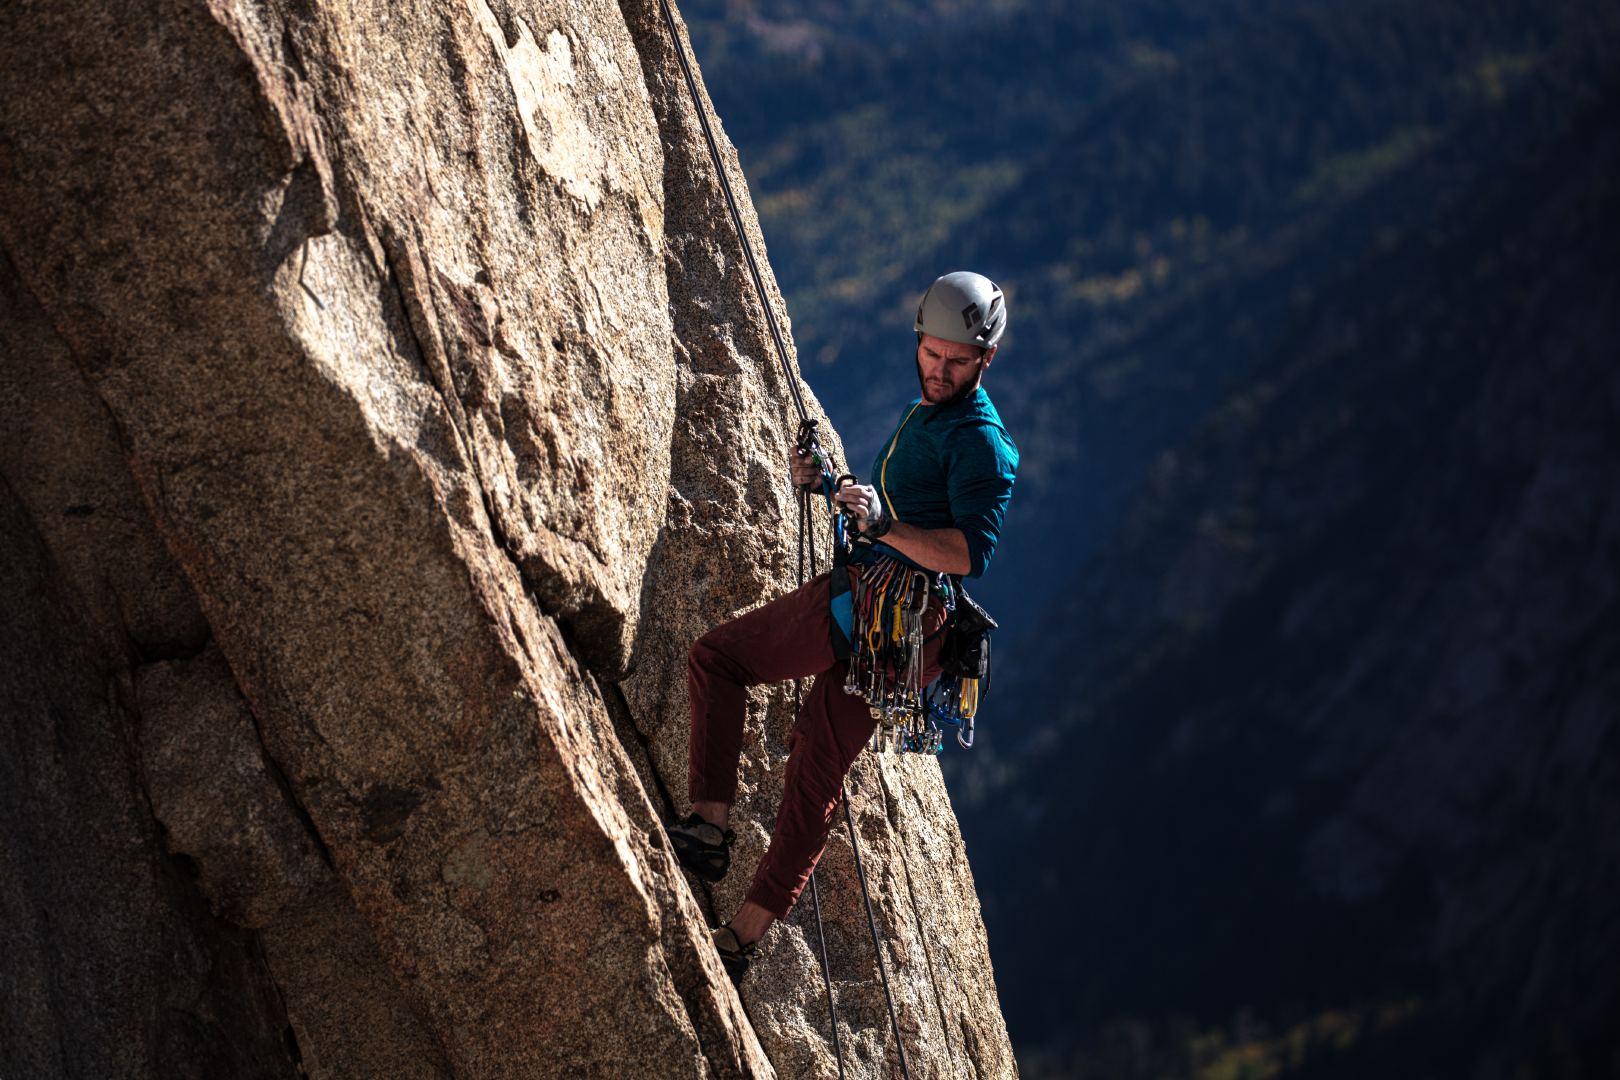 正在悬崖峭壁上攀登的运动员特写图片